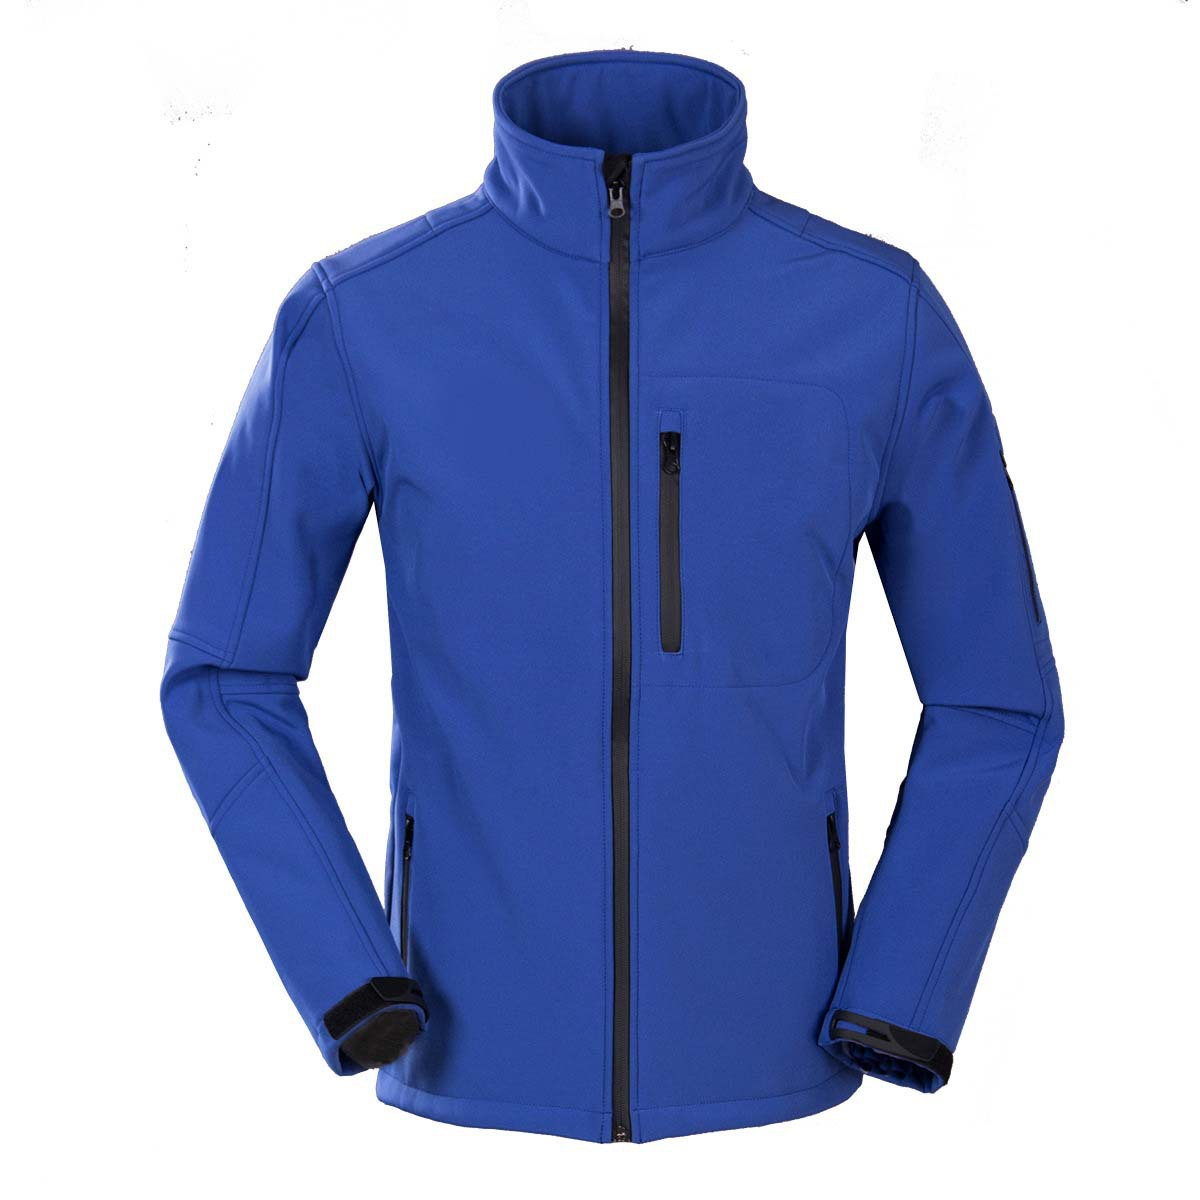 Lót nỉ Soflshell Nhà máy trực tiếp vỏ mềm quần áo nam lông cừu một lớp áo mỏng làm việc quần áo nhà